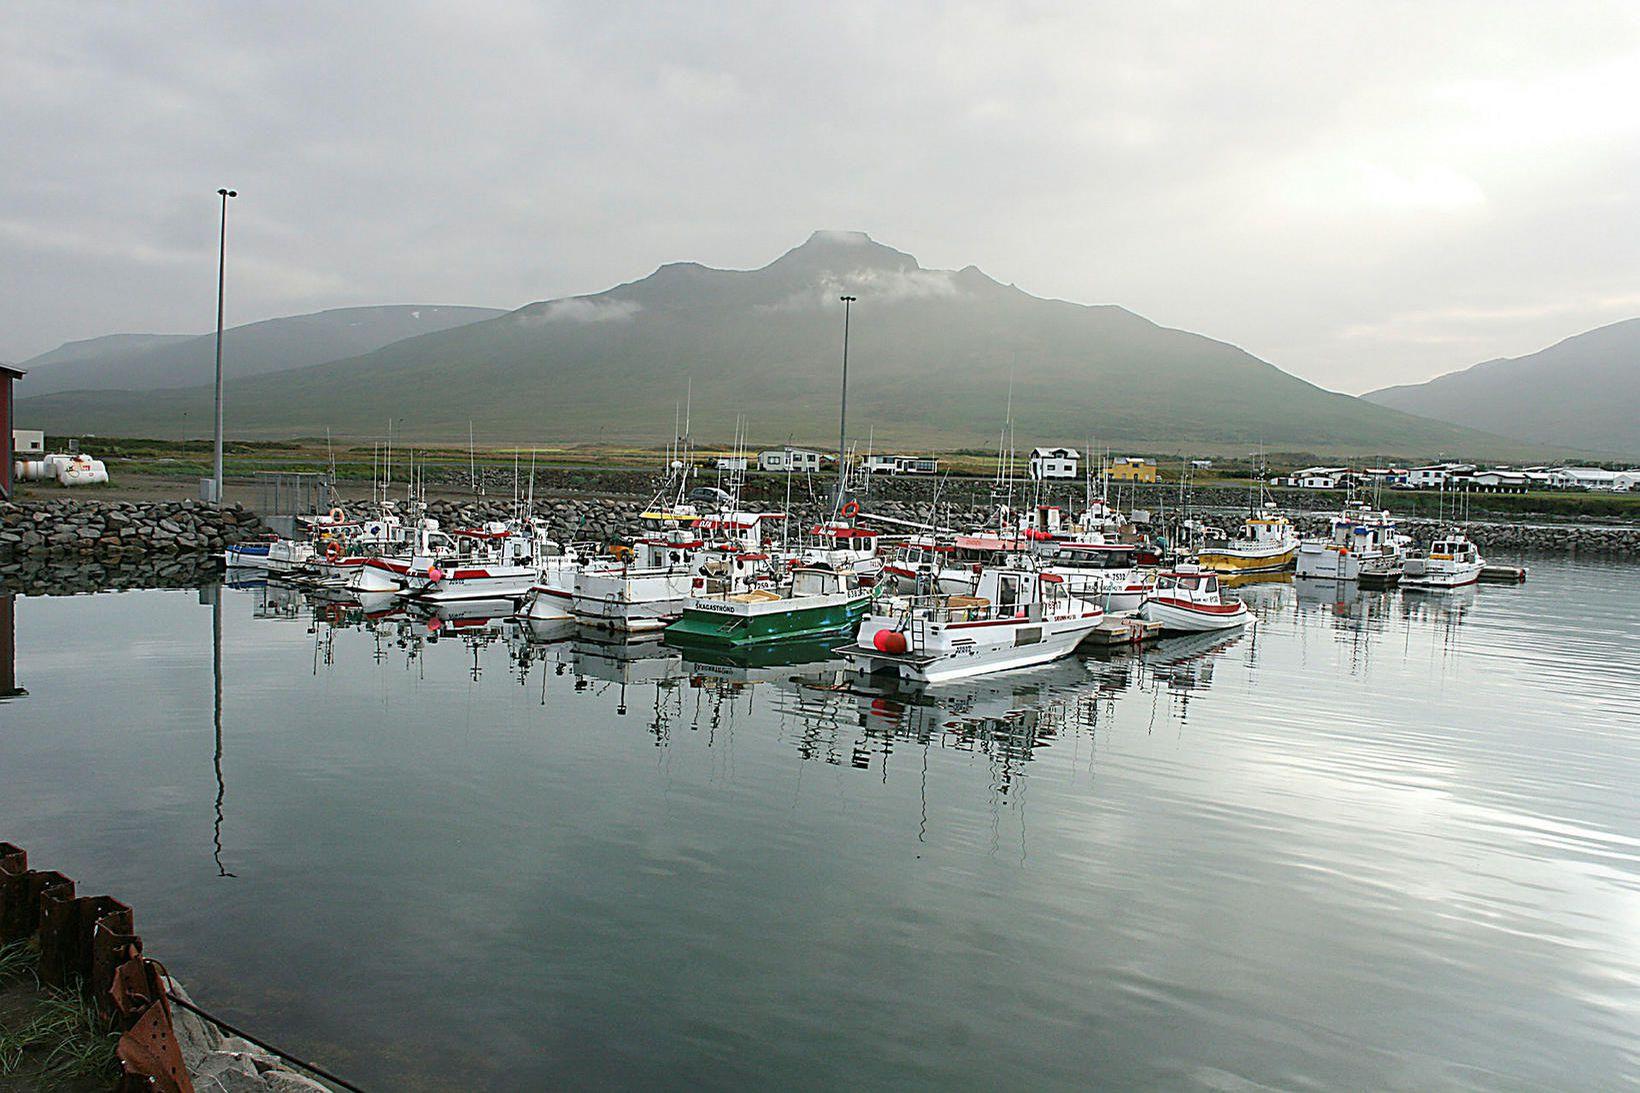 Hluti strandveiðibátanna sem gerður var út frá Skagaströnd í sumar …